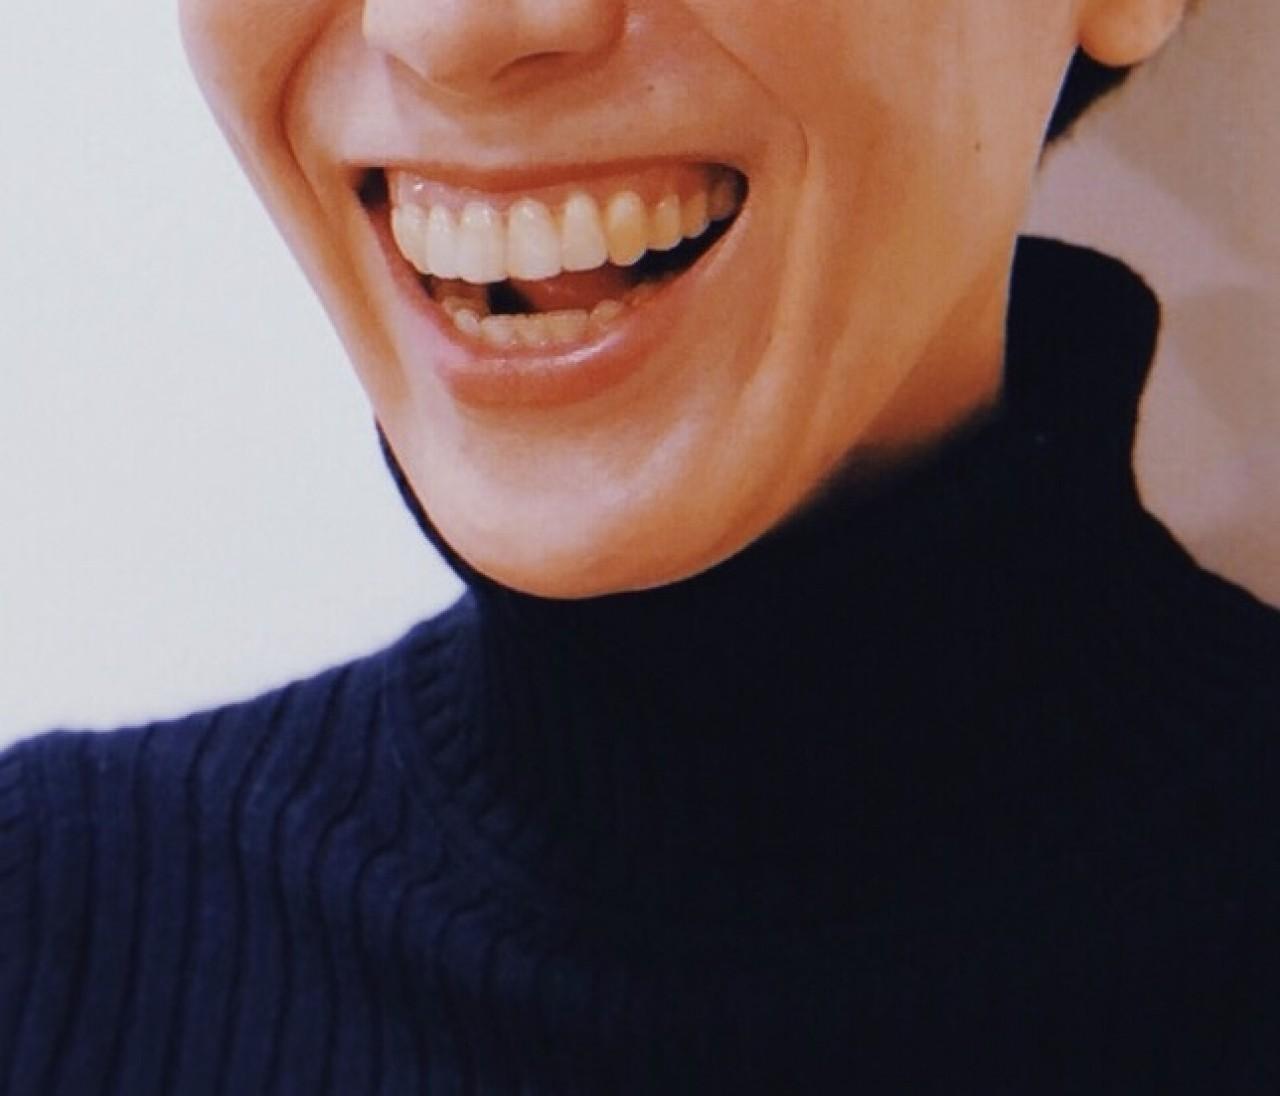 モテたいなら歯列矯正で歯並びを整えるべし!【エディター自腹でモテ活研究】